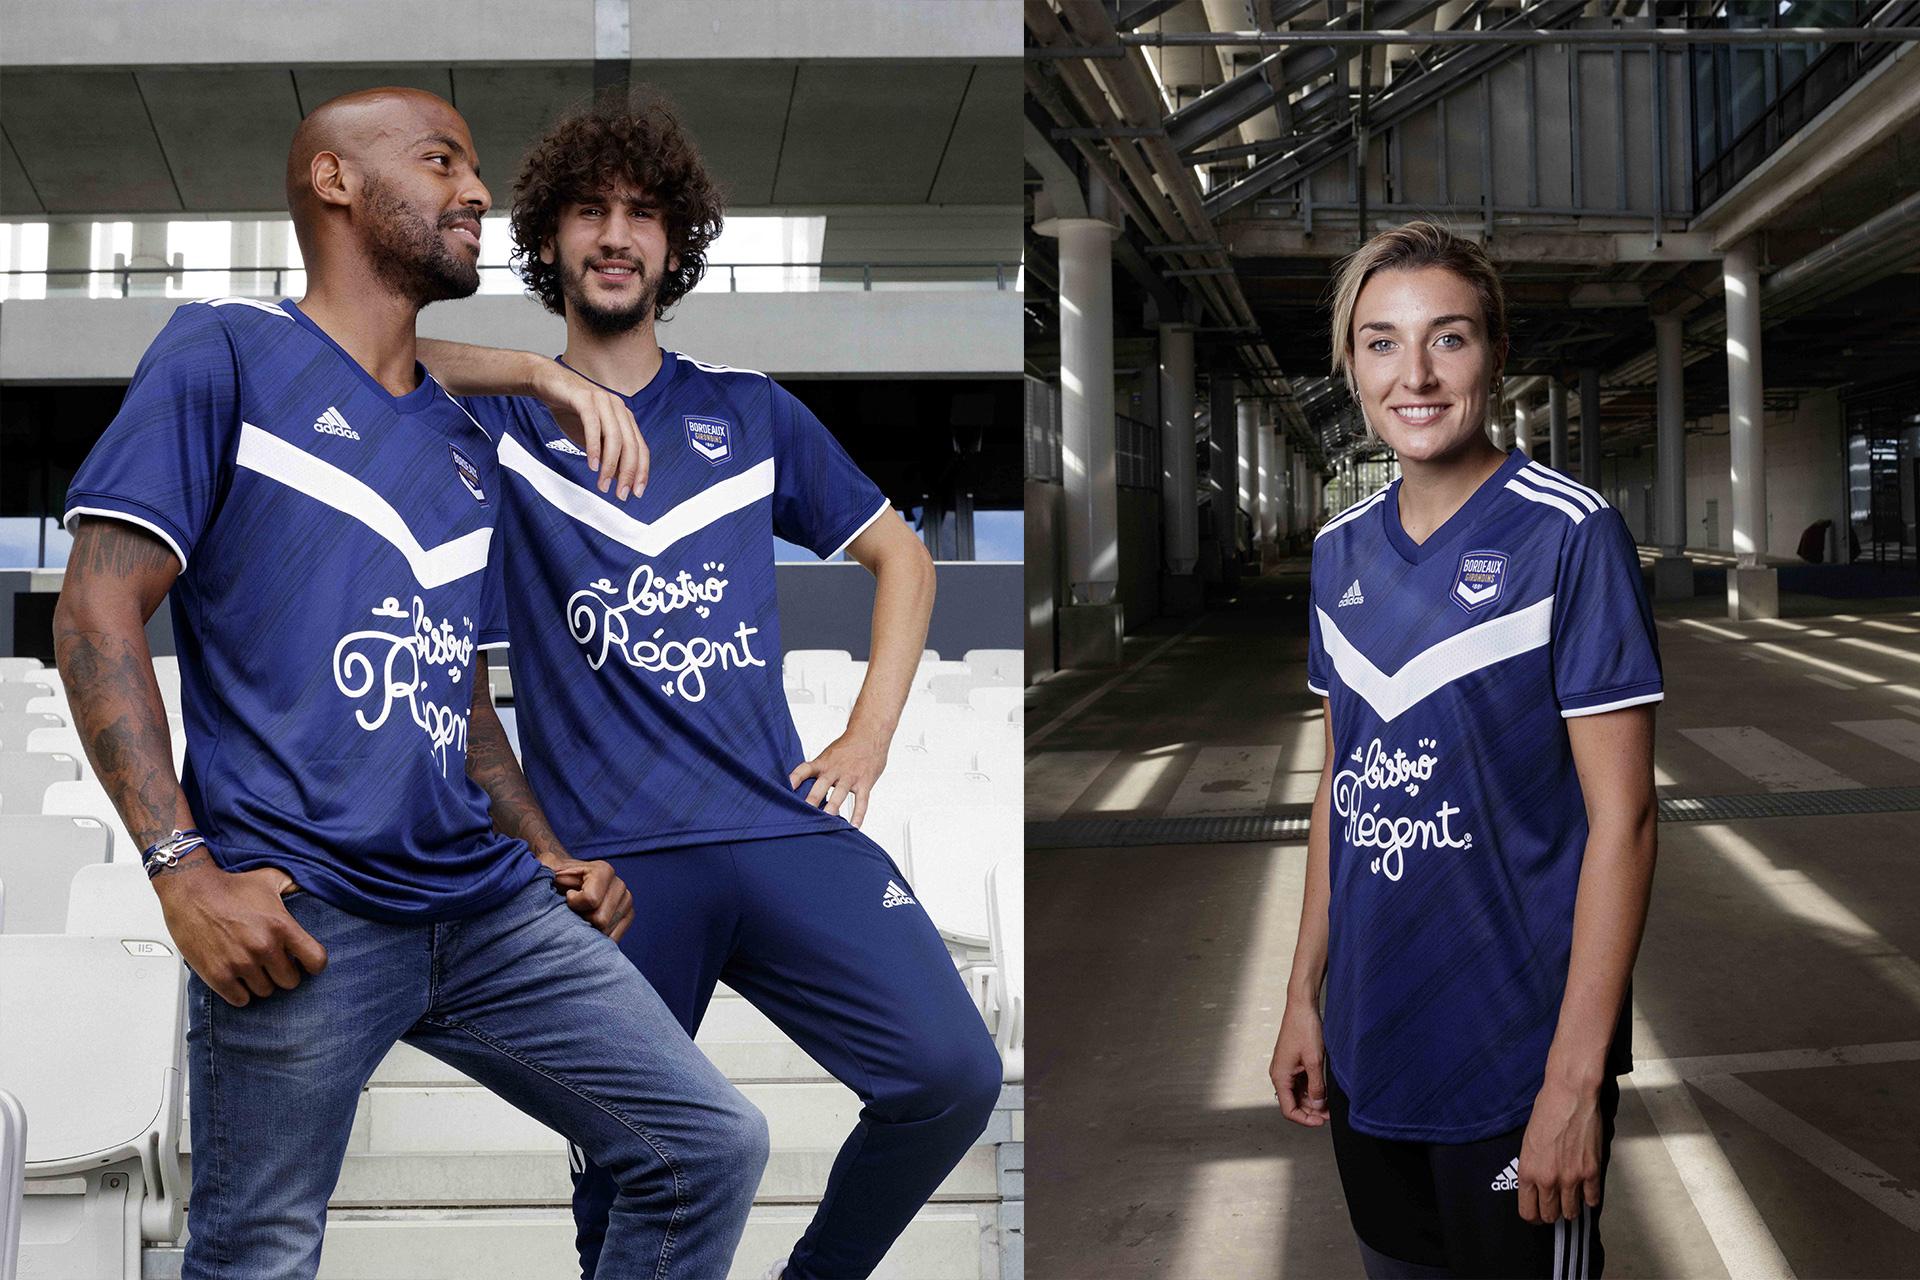 Le nouveau maillot de Bordeaux — PHOTOS